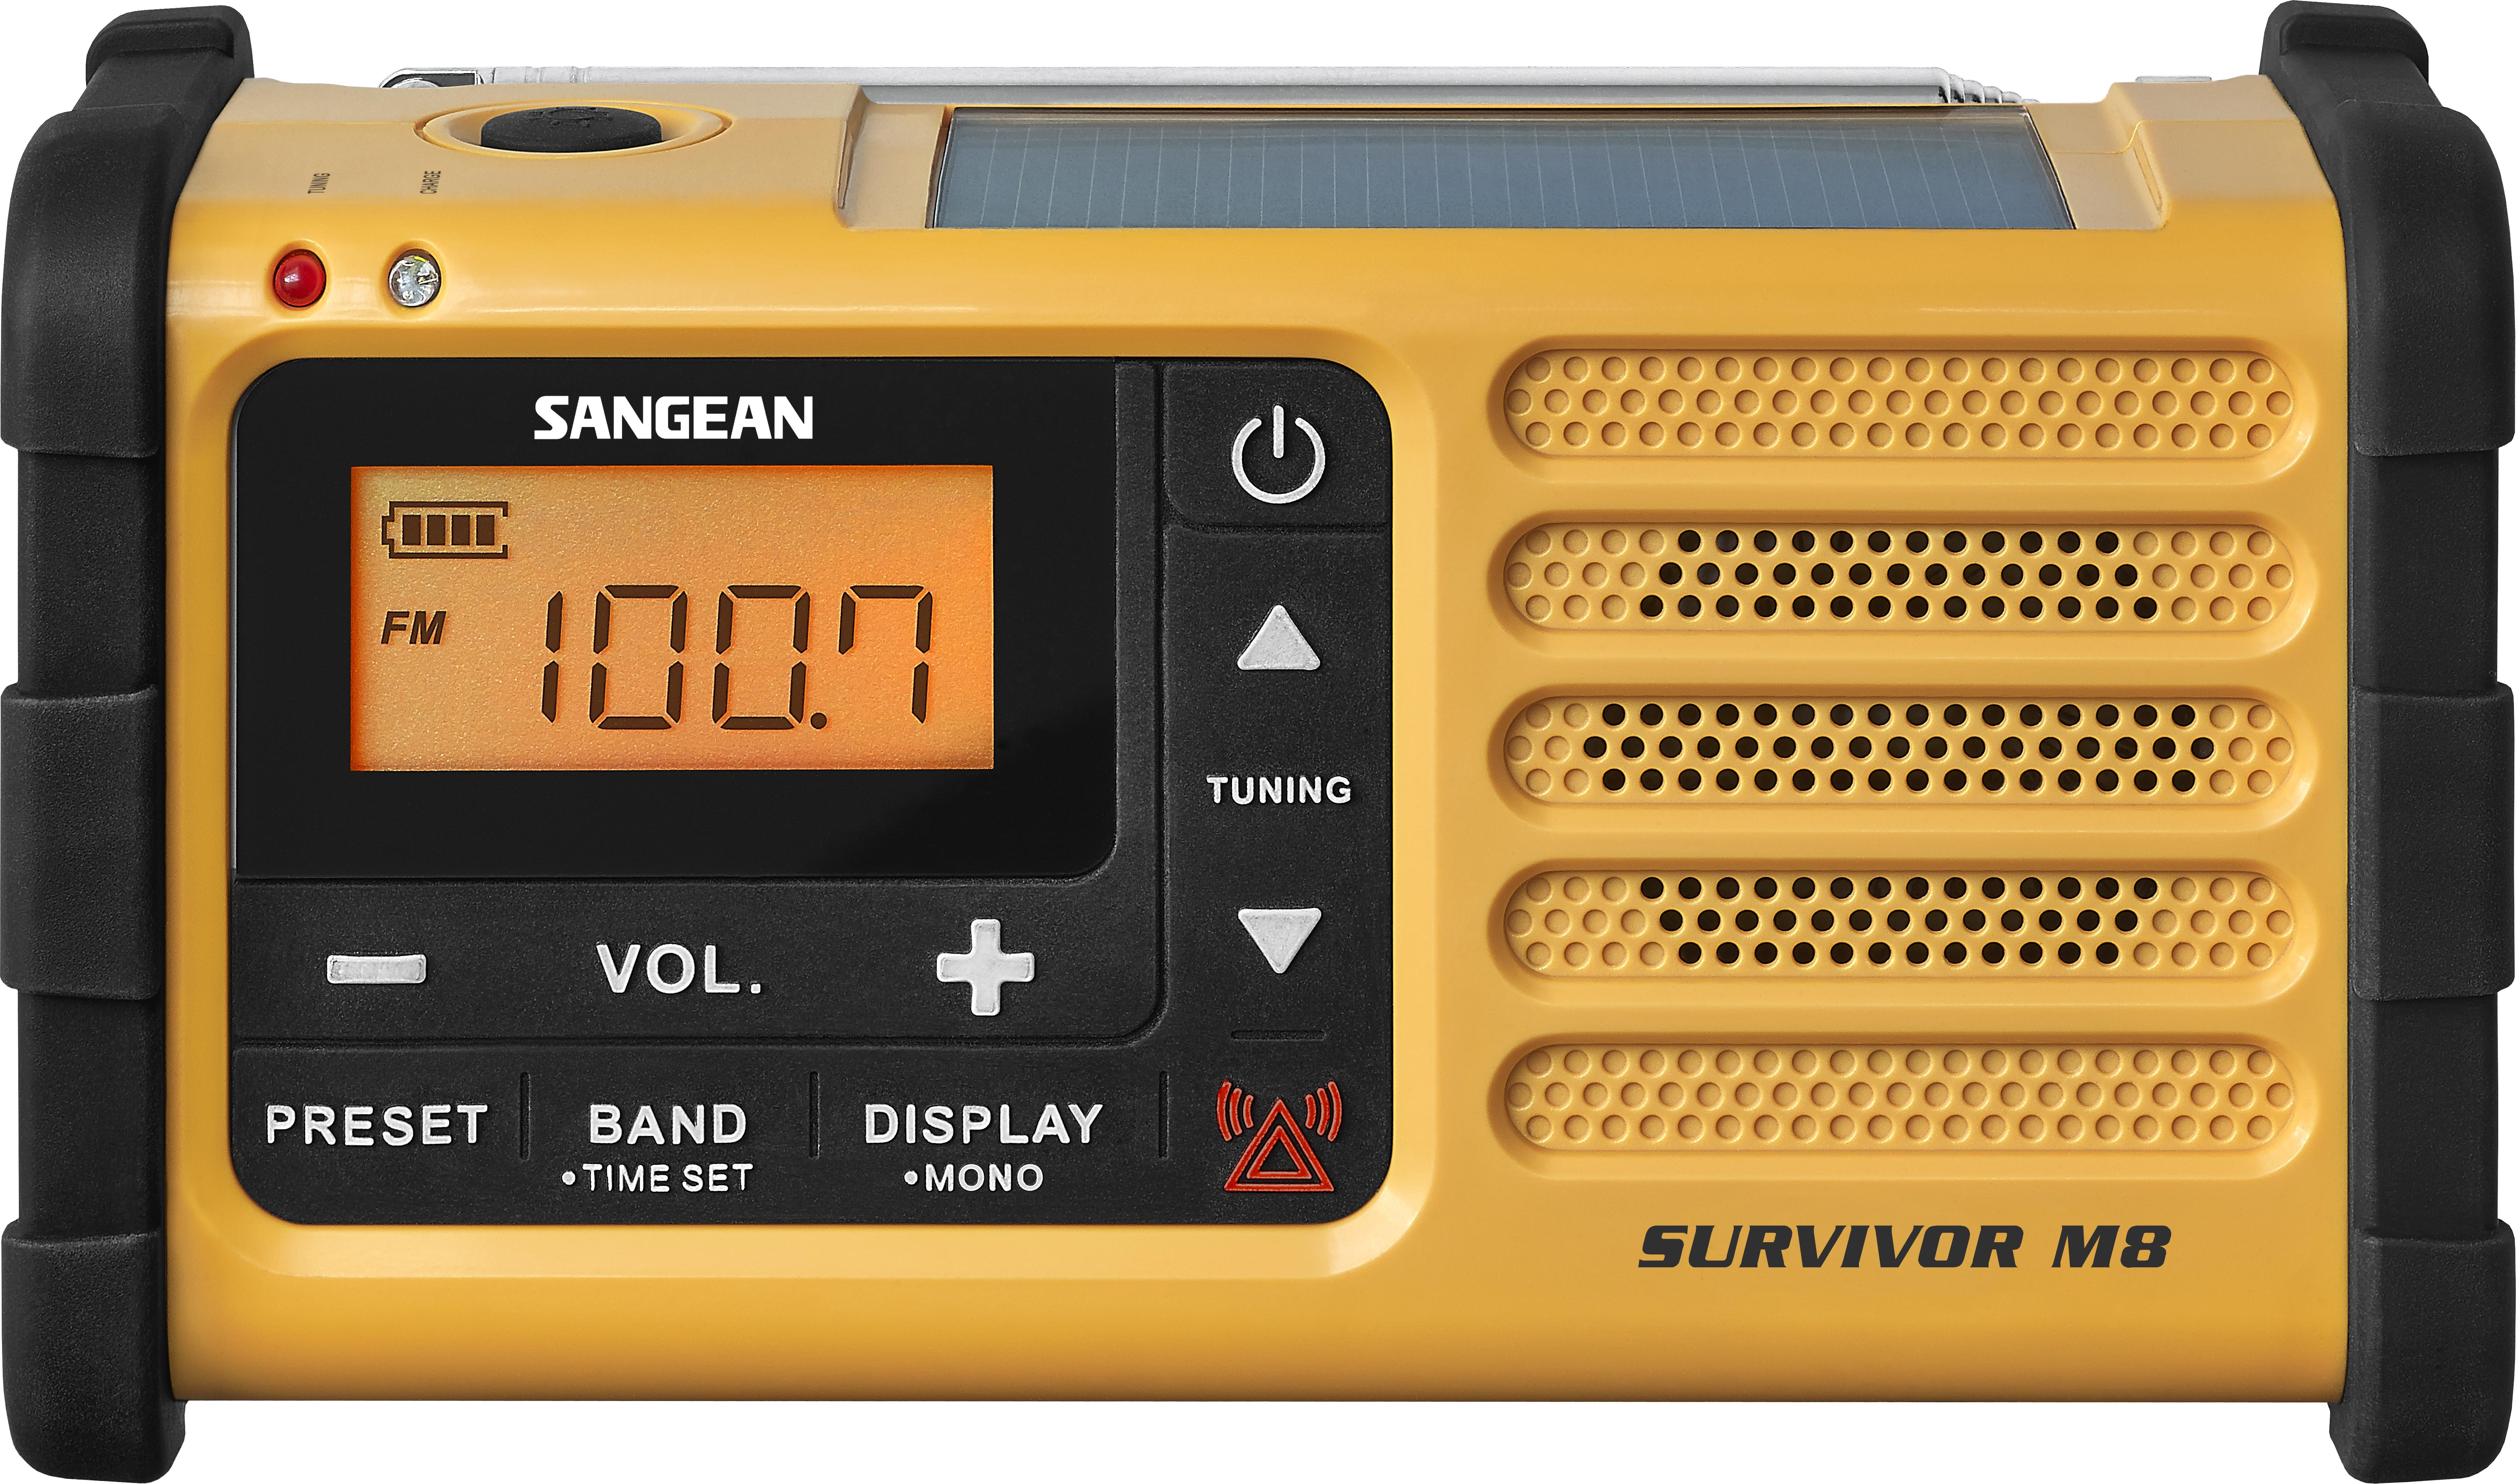 Sangean MMR-88